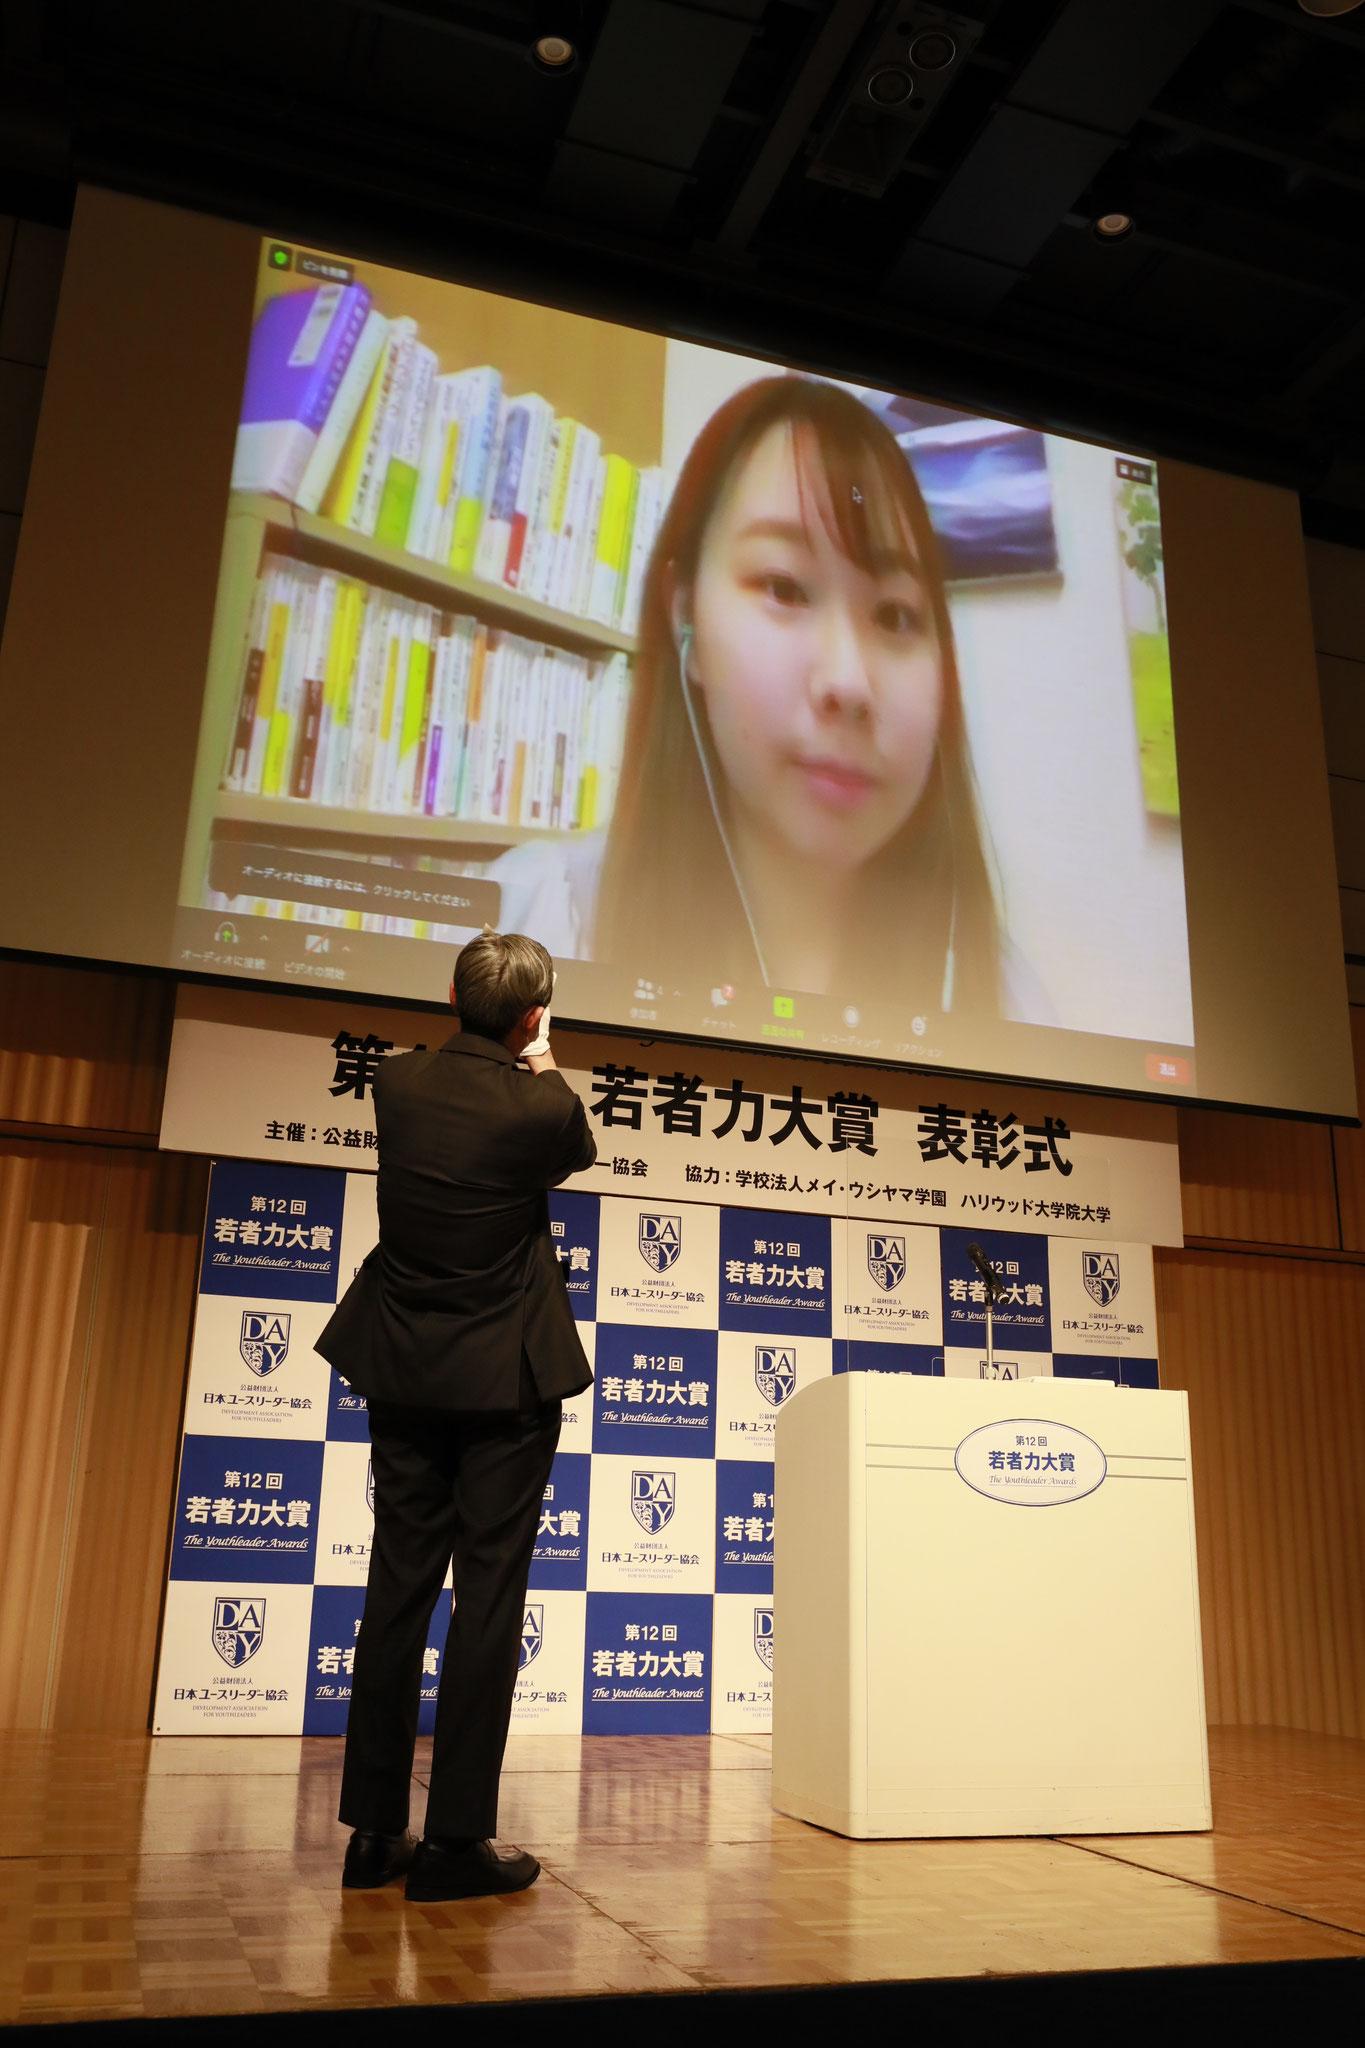 左:小室副理事長 中央:ユースリーダー賞受賞 鶴田七瀬さん